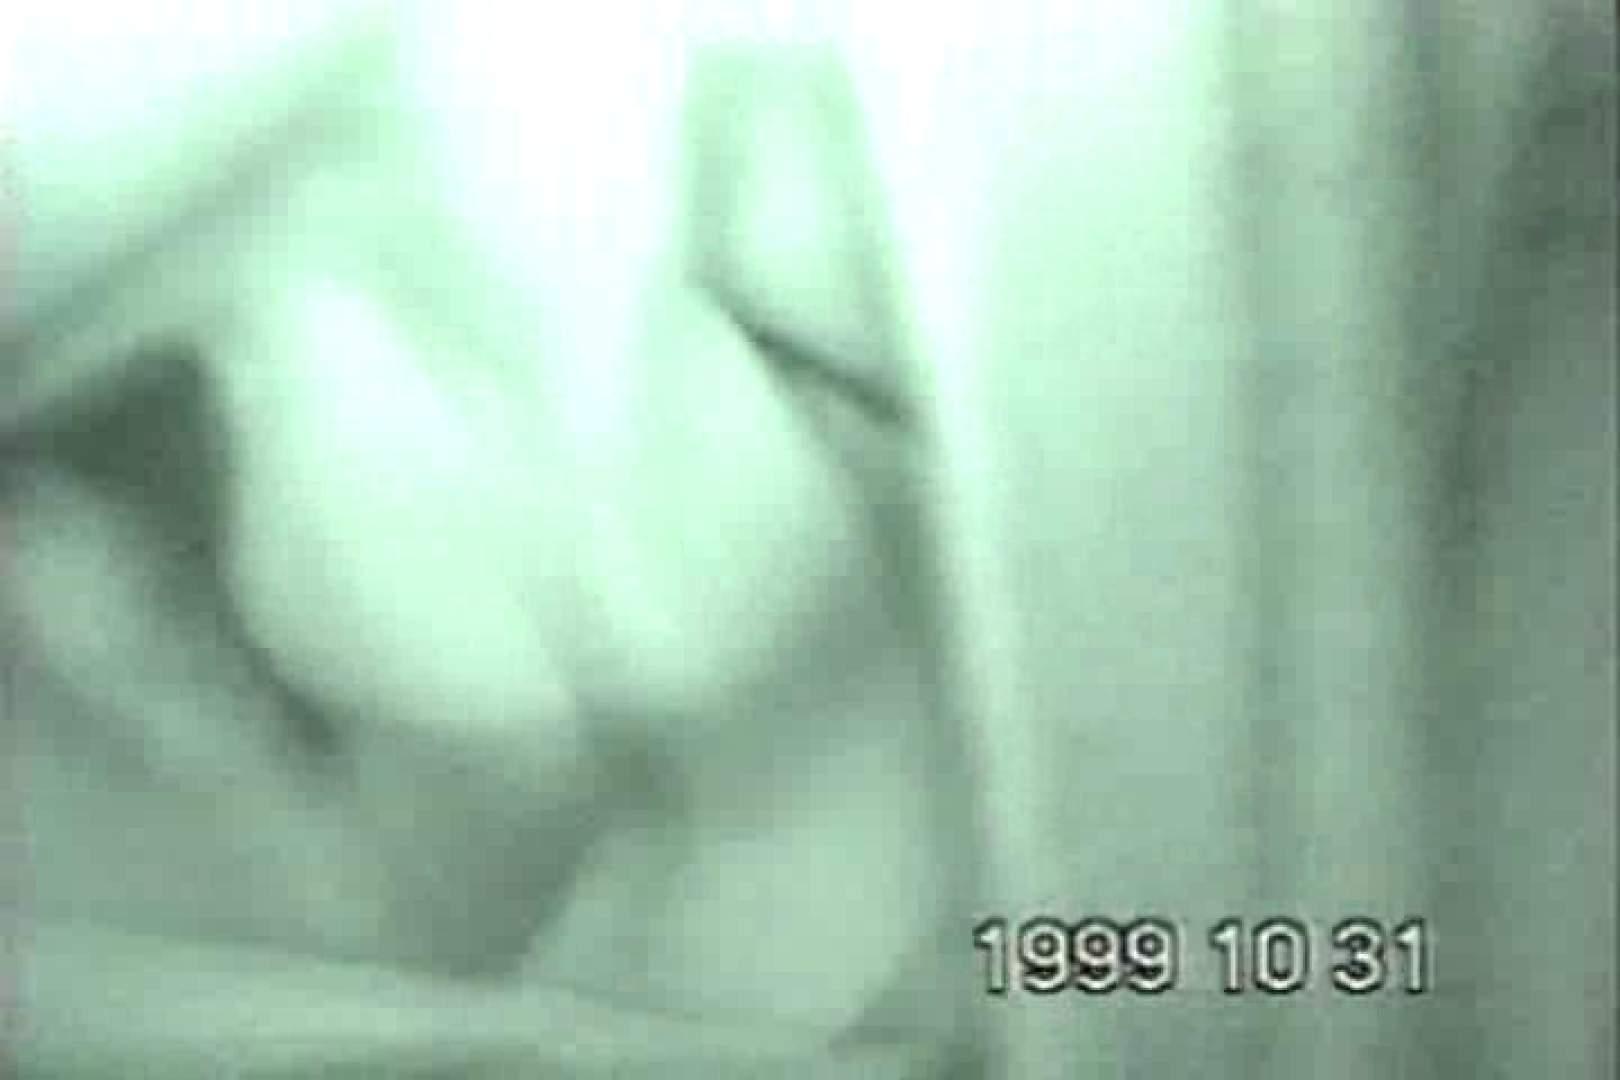 蔵出し!!赤外線カーセックスVol.6 赤外線 覗きスケベ動画紹介 108連発 101